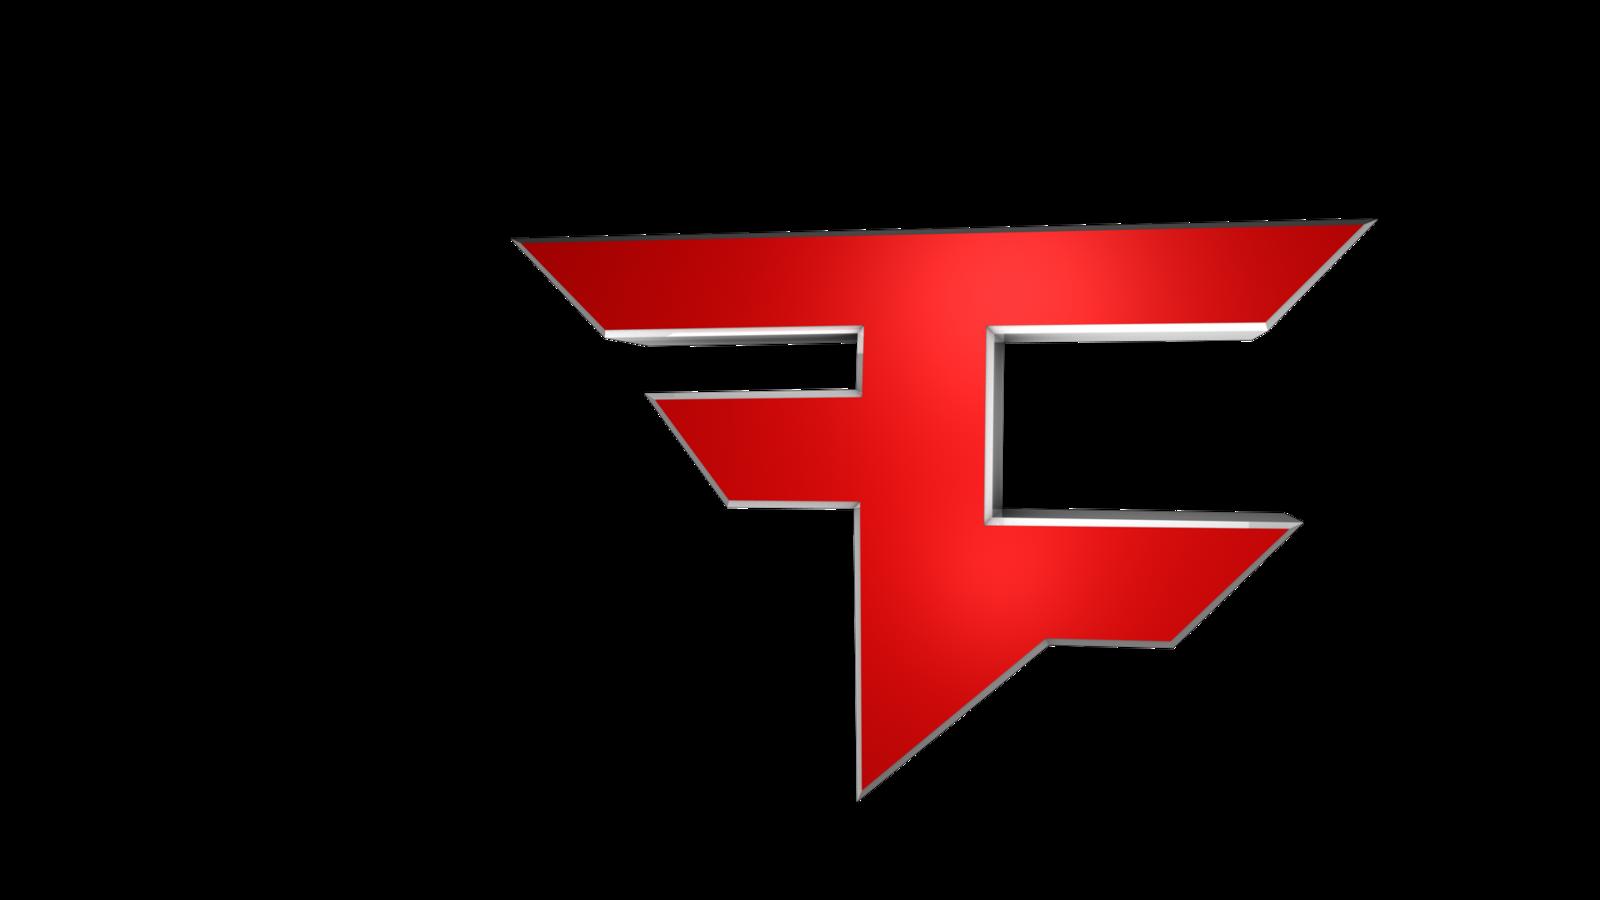 FaZe Clan Logo Template by ByMystiic 1600x900